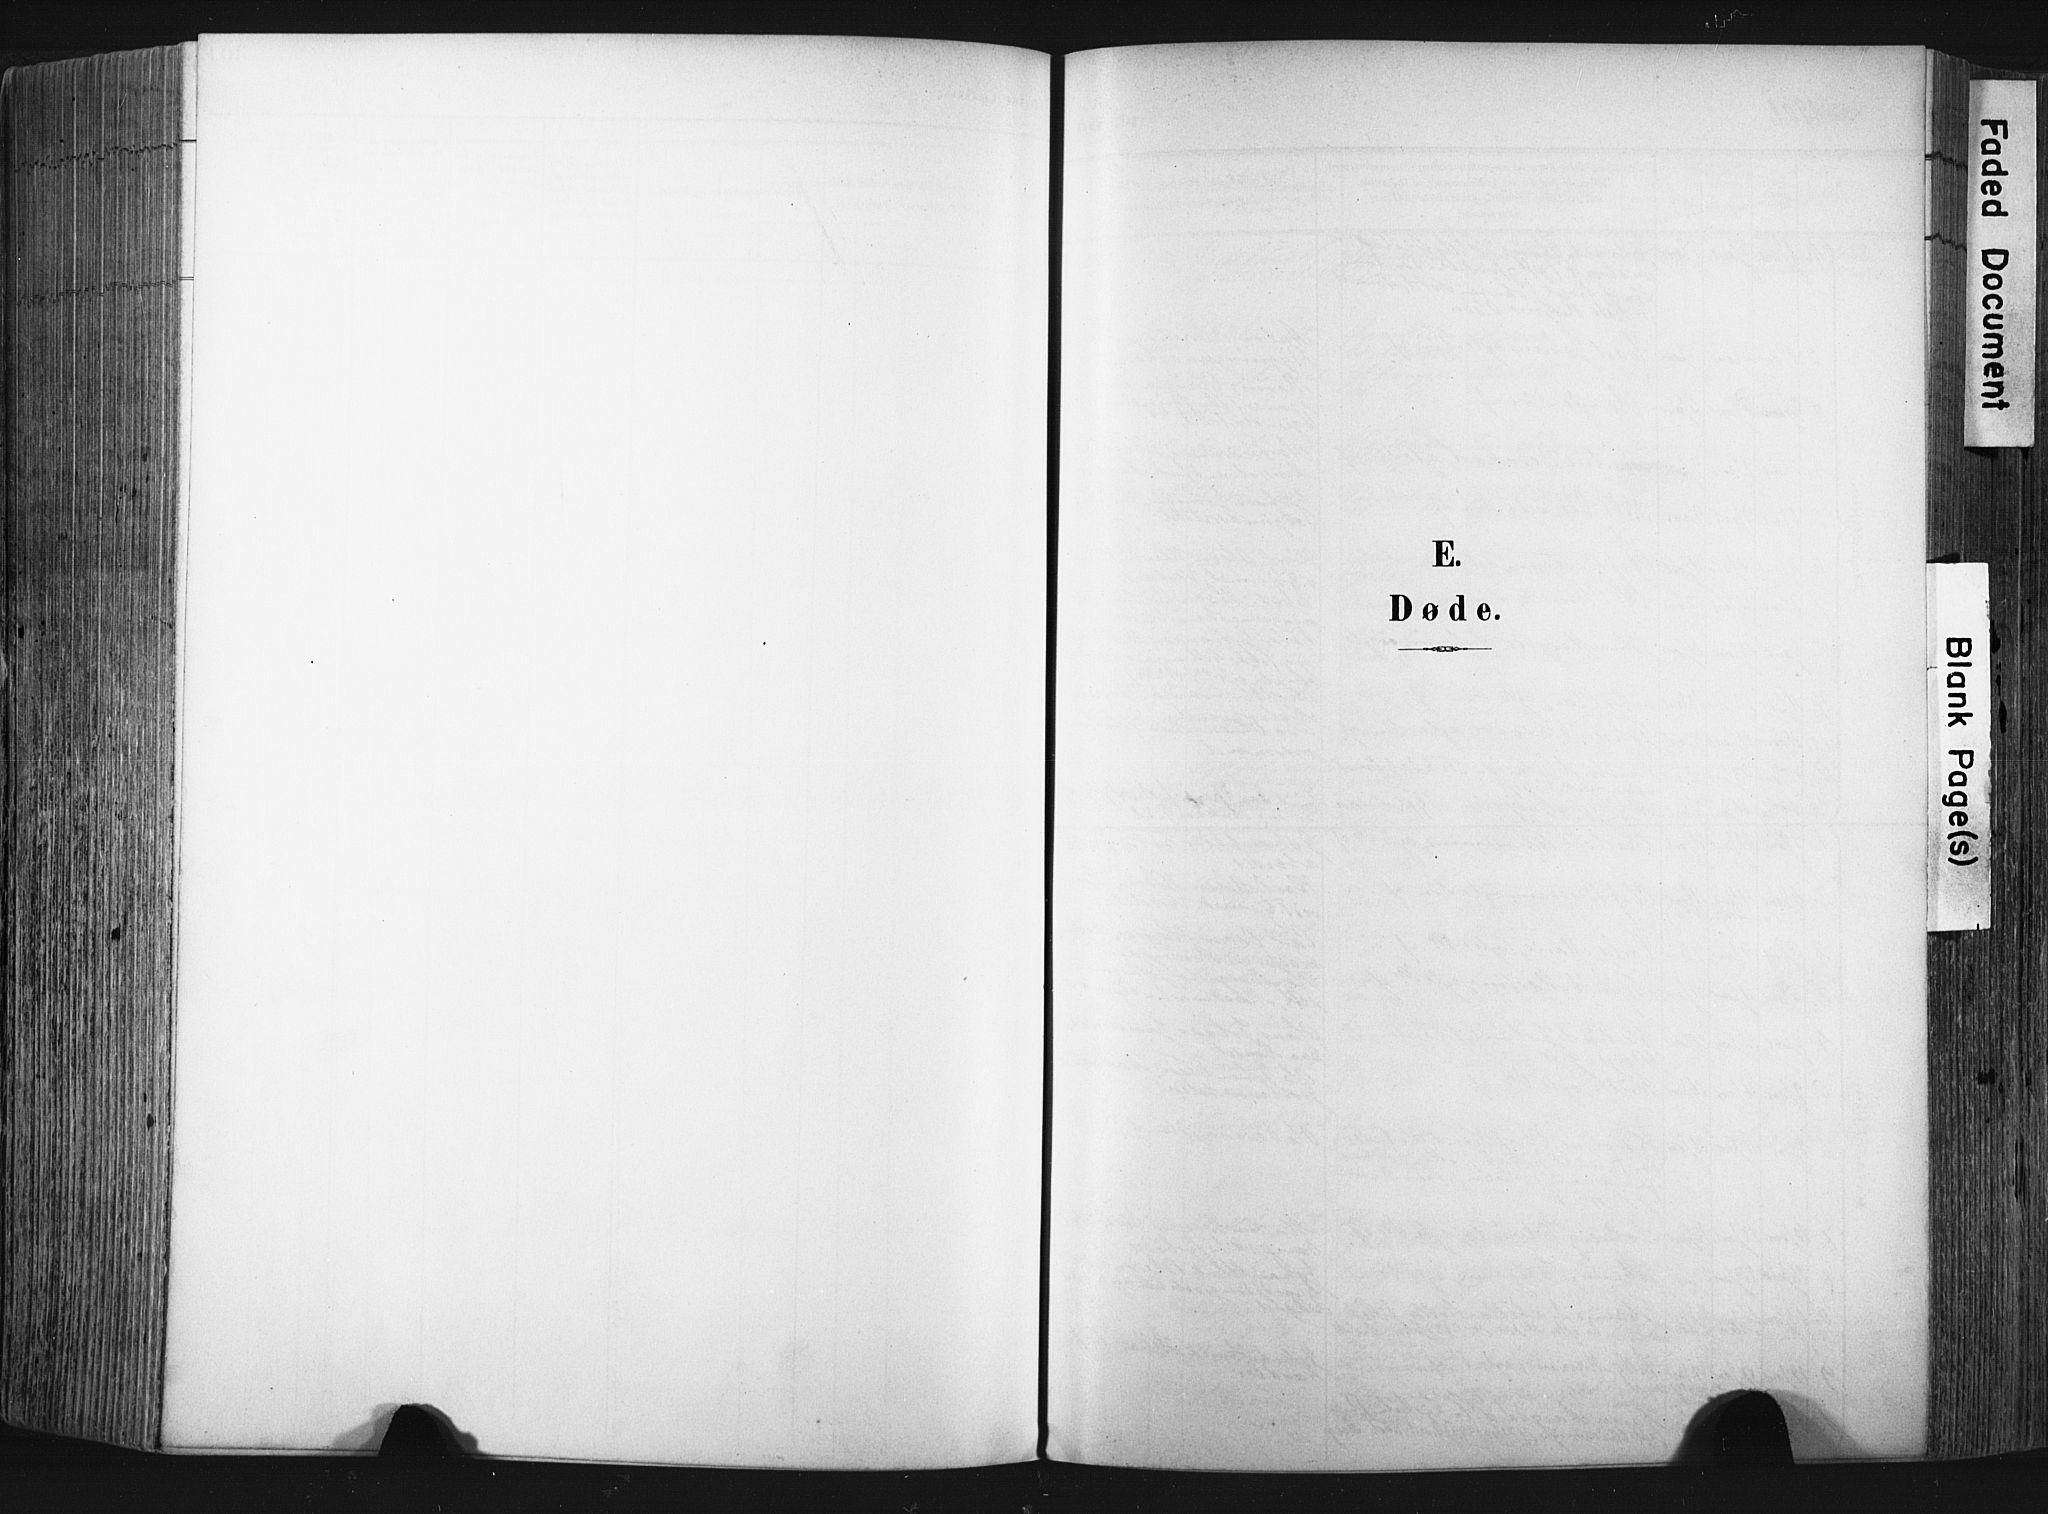 SAT, Ministerialprotokoller, klokkerbøker og fødselsregistre - Sør-Trøndelag, 604/L0201: Ministerialbok nr. 604A21, 1901-1911